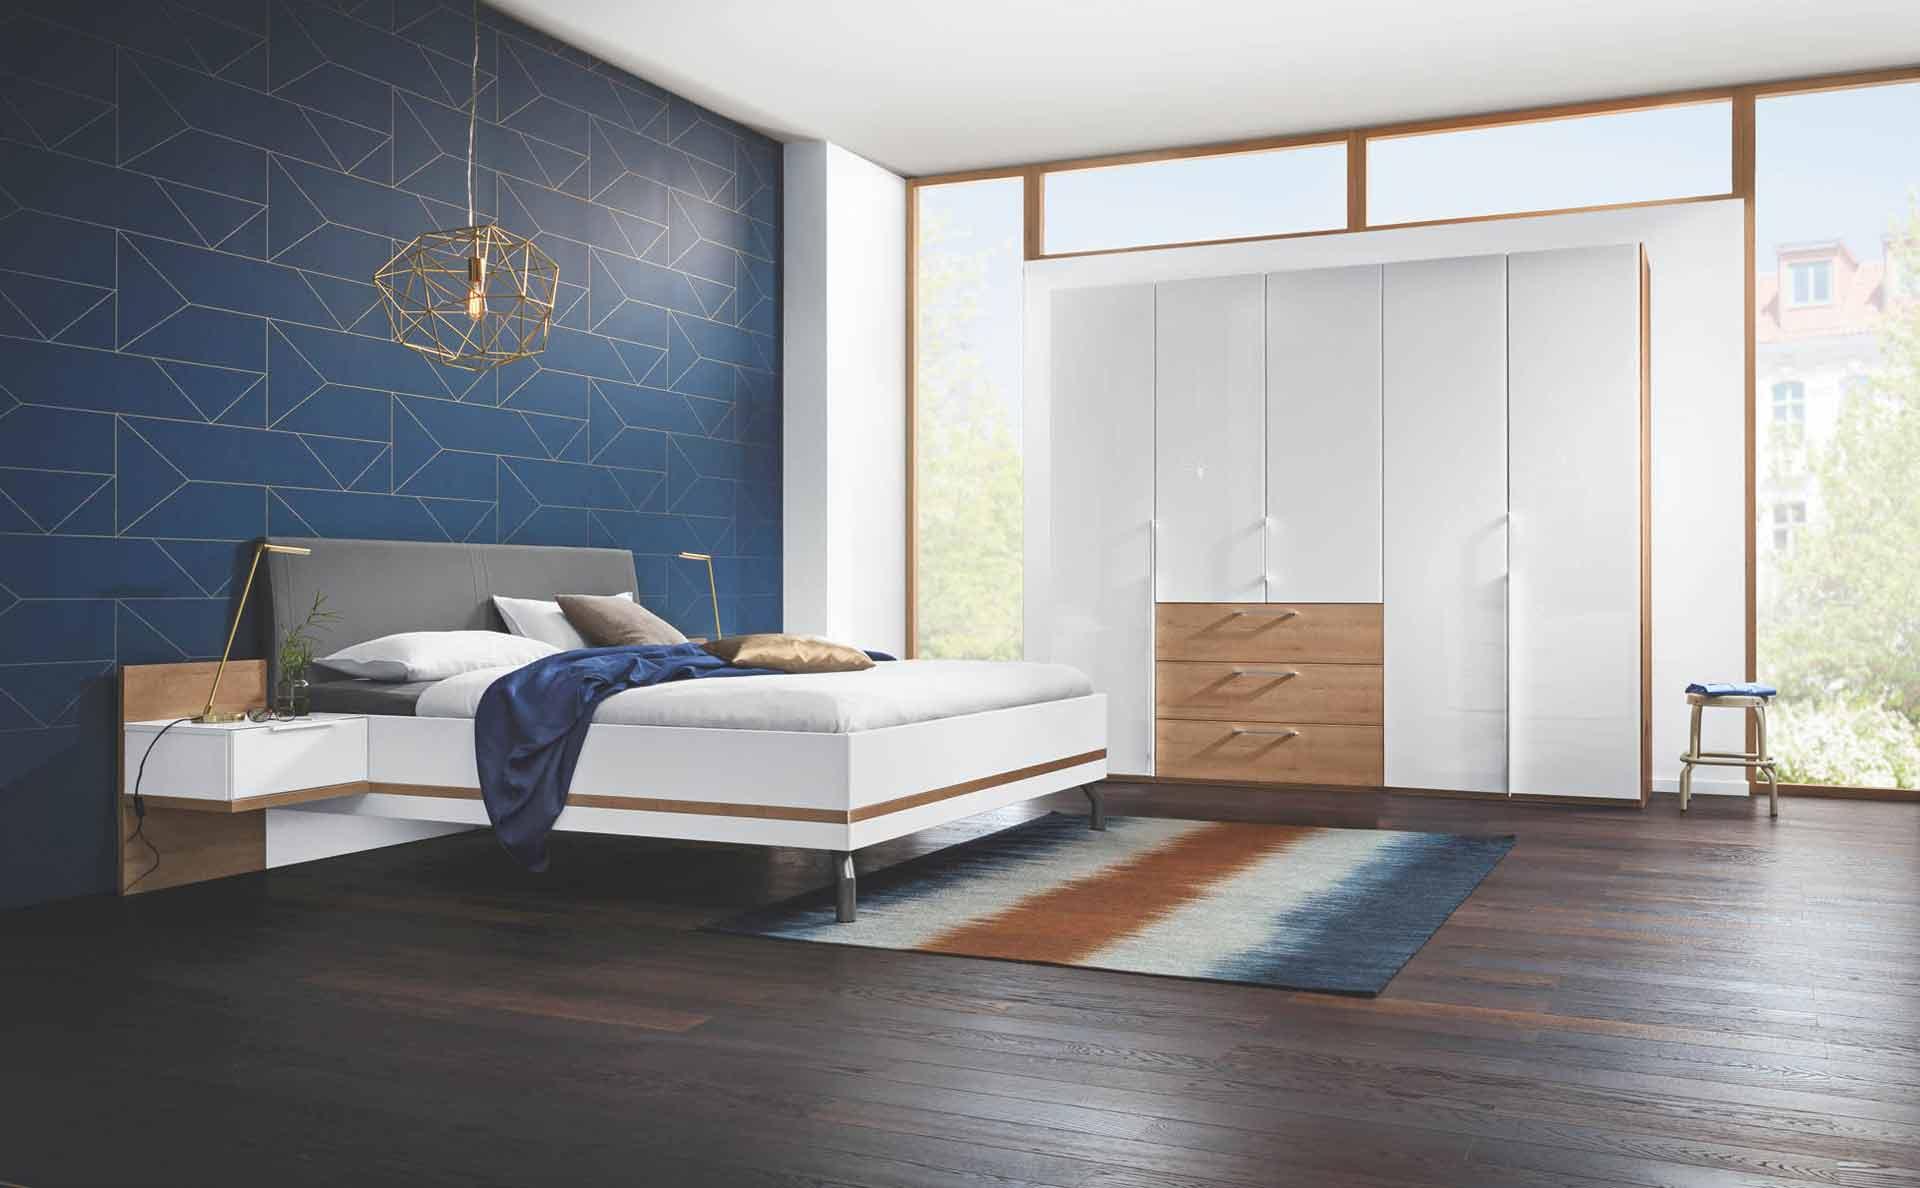 Schlafzimmer modern-möbelhof adersheim